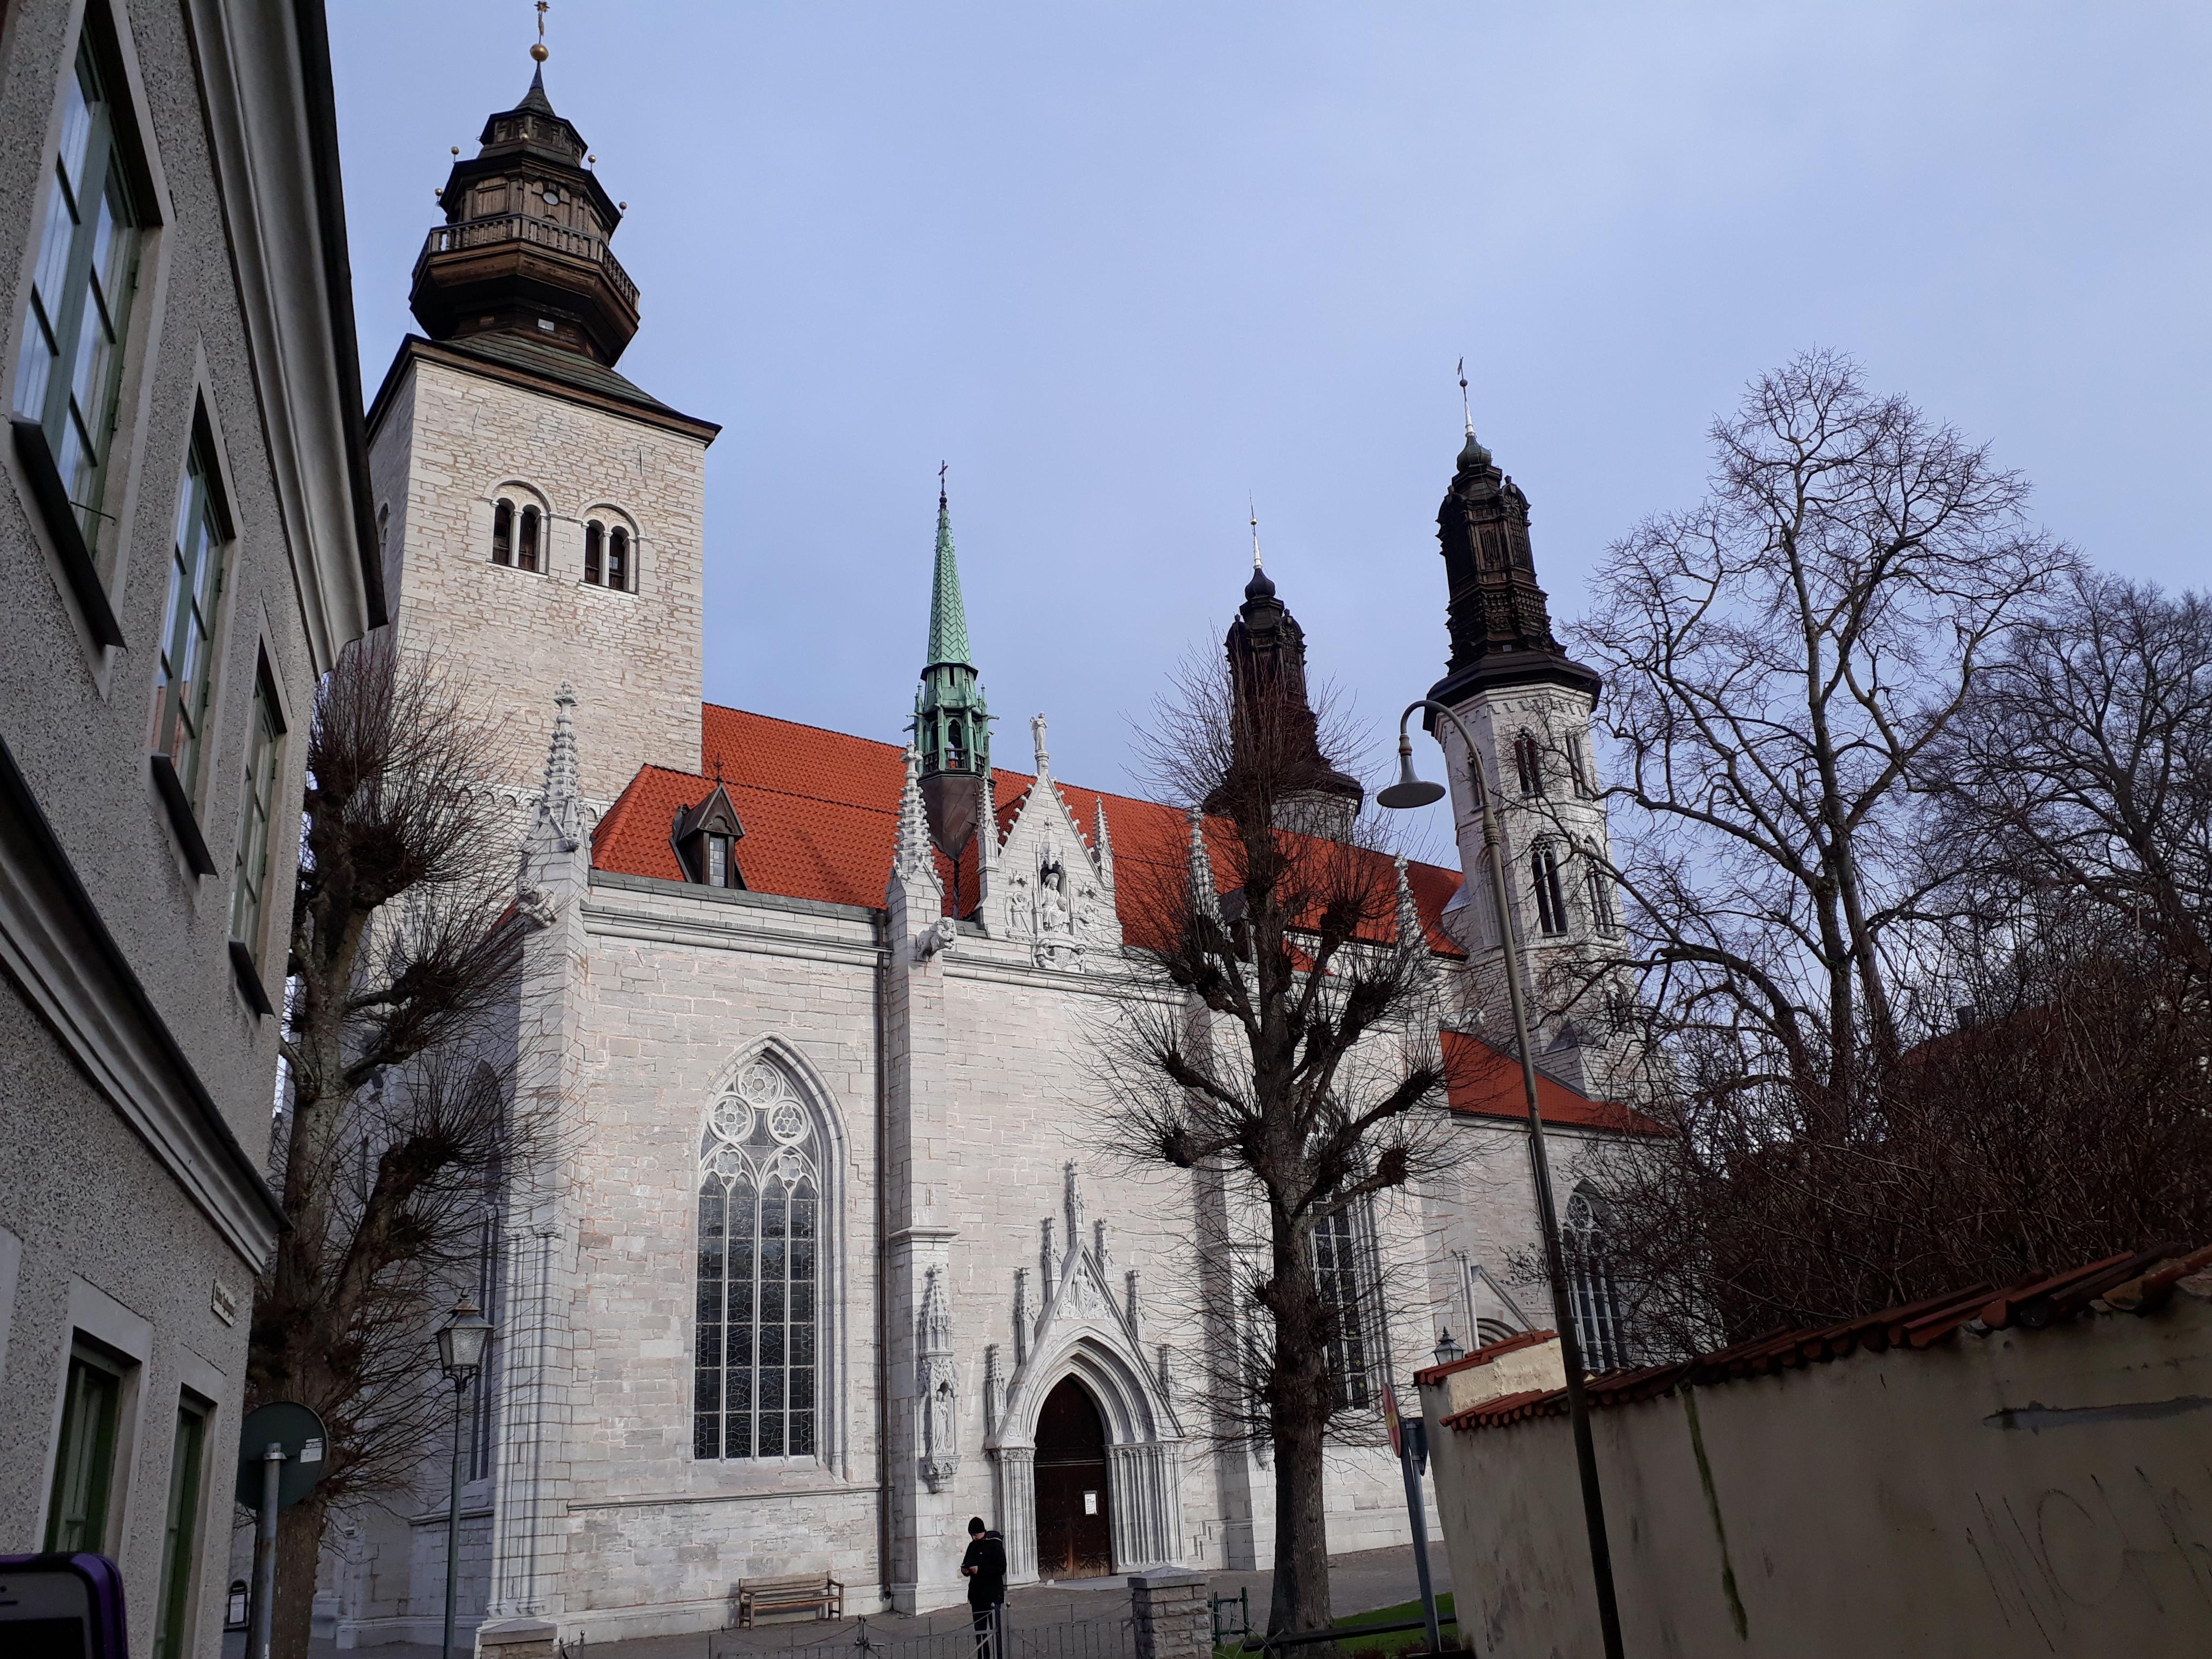 Visby domkyrka är stor och mäktig med vit fasad och tinnar och torn